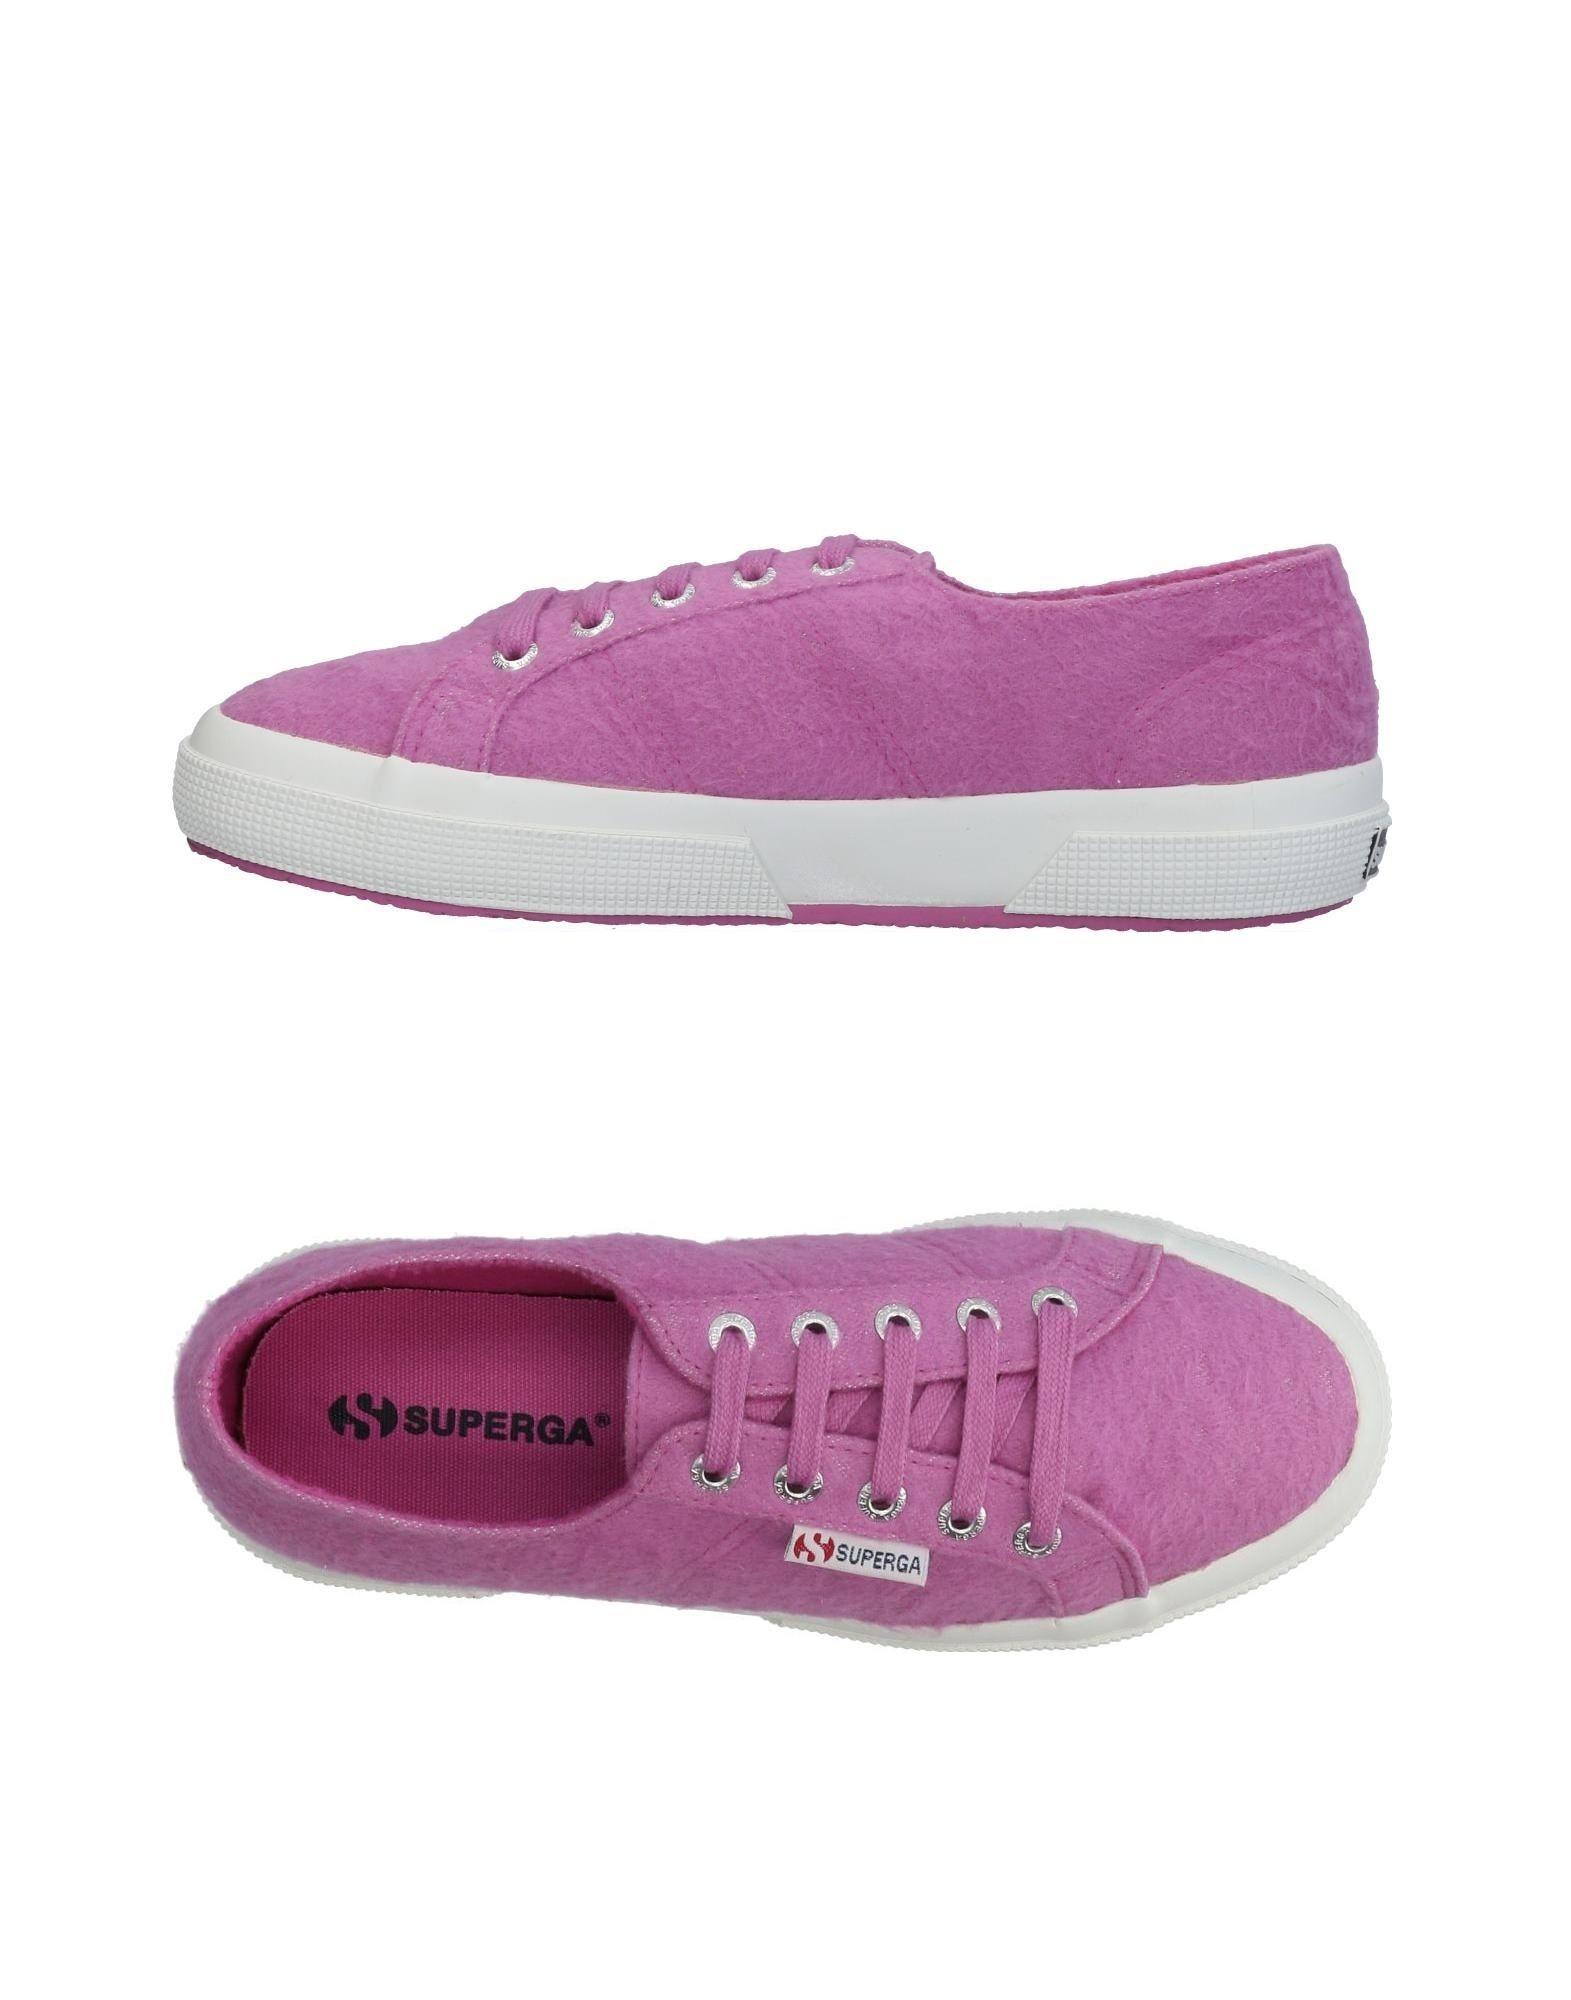 Superga® Sneakers Damen  11438354AH Gute Qualität beliebte Schuhe